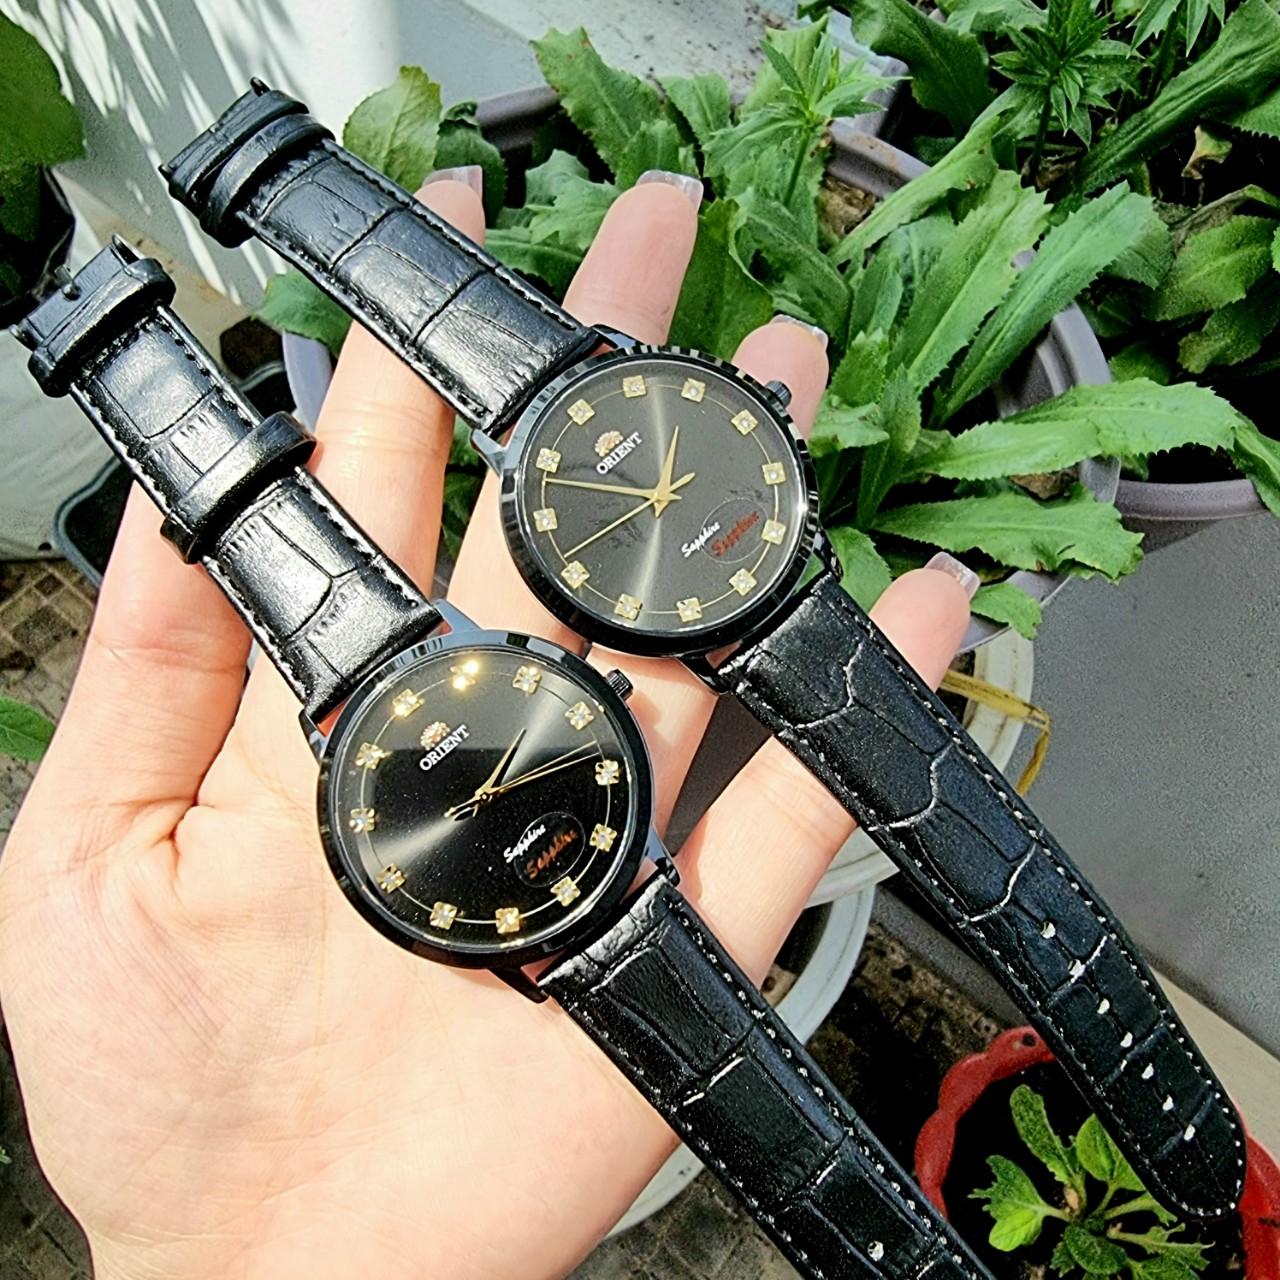 Đồng hồ nam ORIENT mặt kính Saphia chống nước , chống xước cao cấp